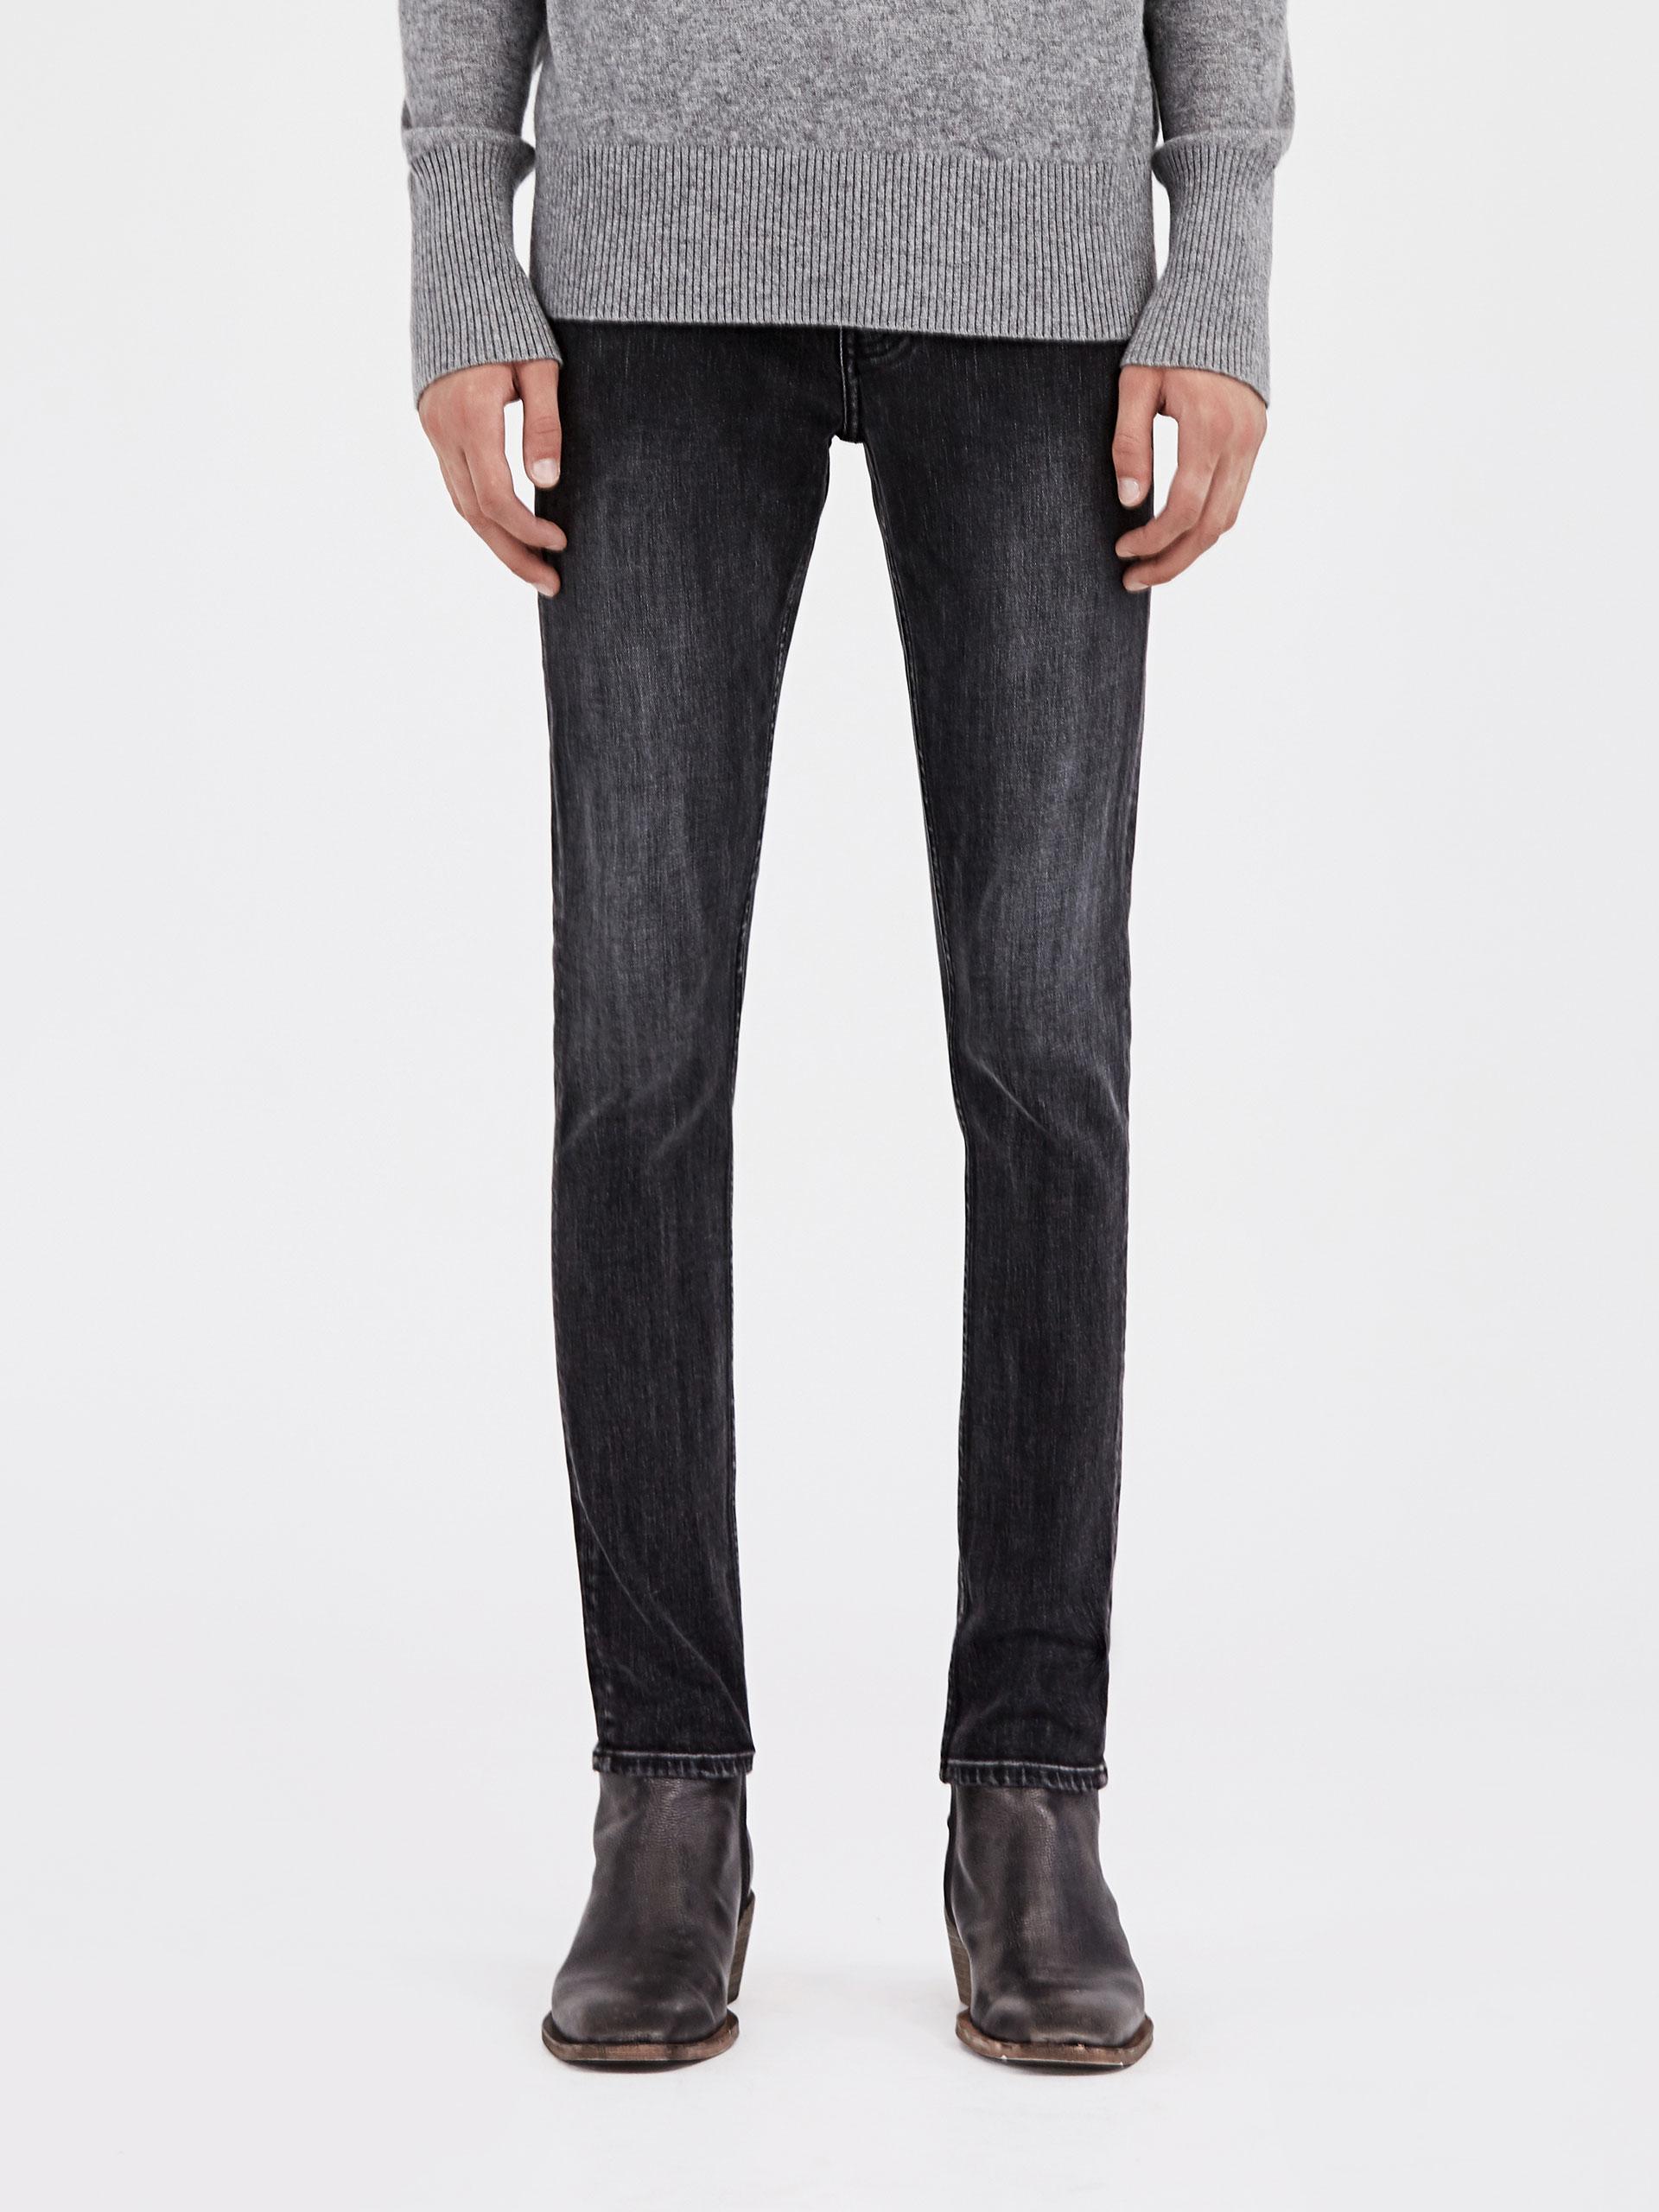 男装紧身牛仔裤